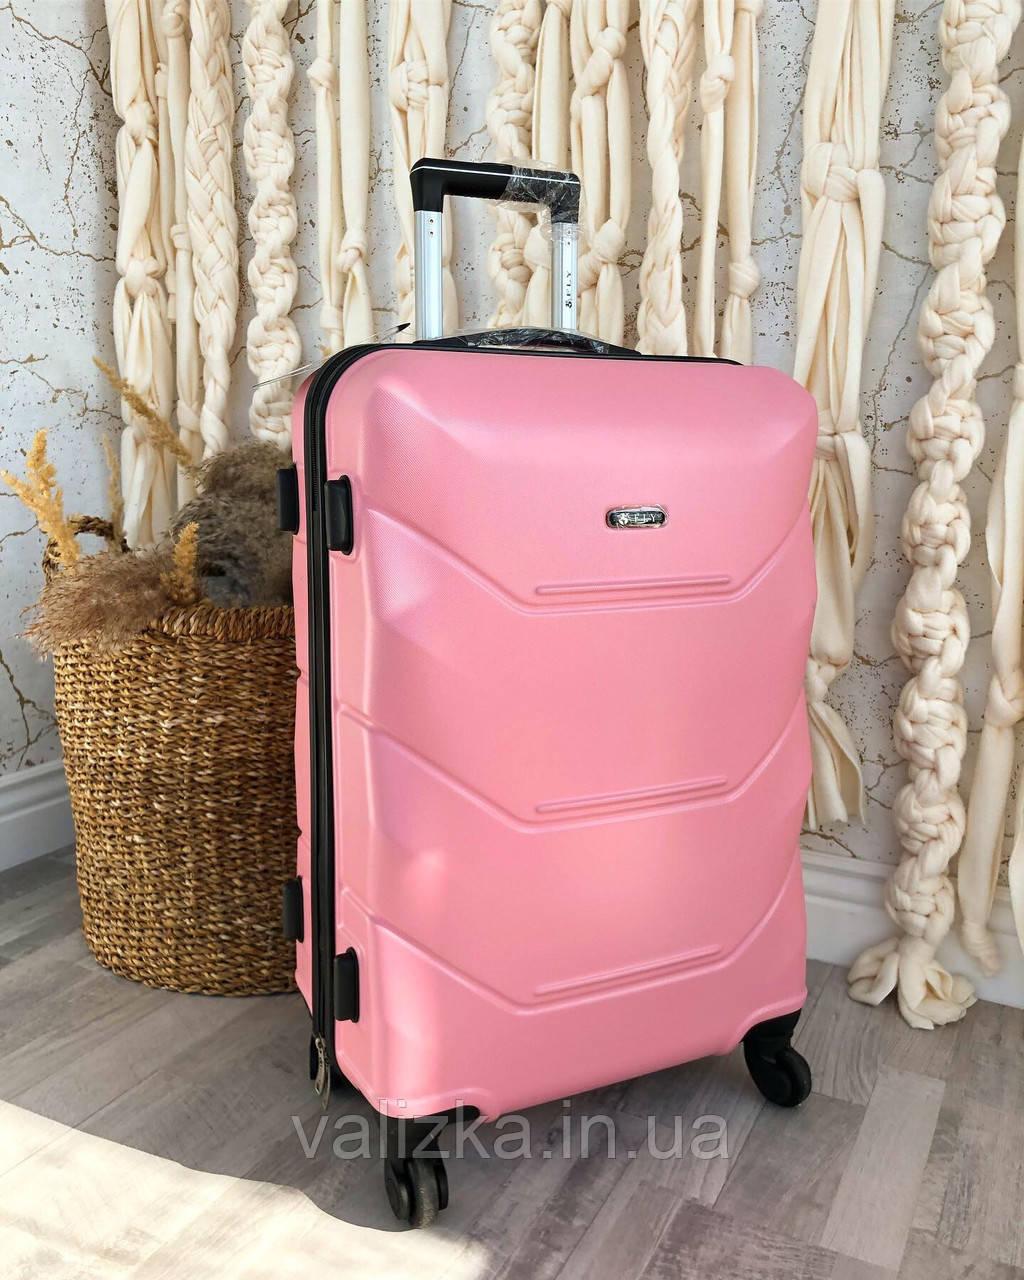 Большой пластиковый чемодан розовый